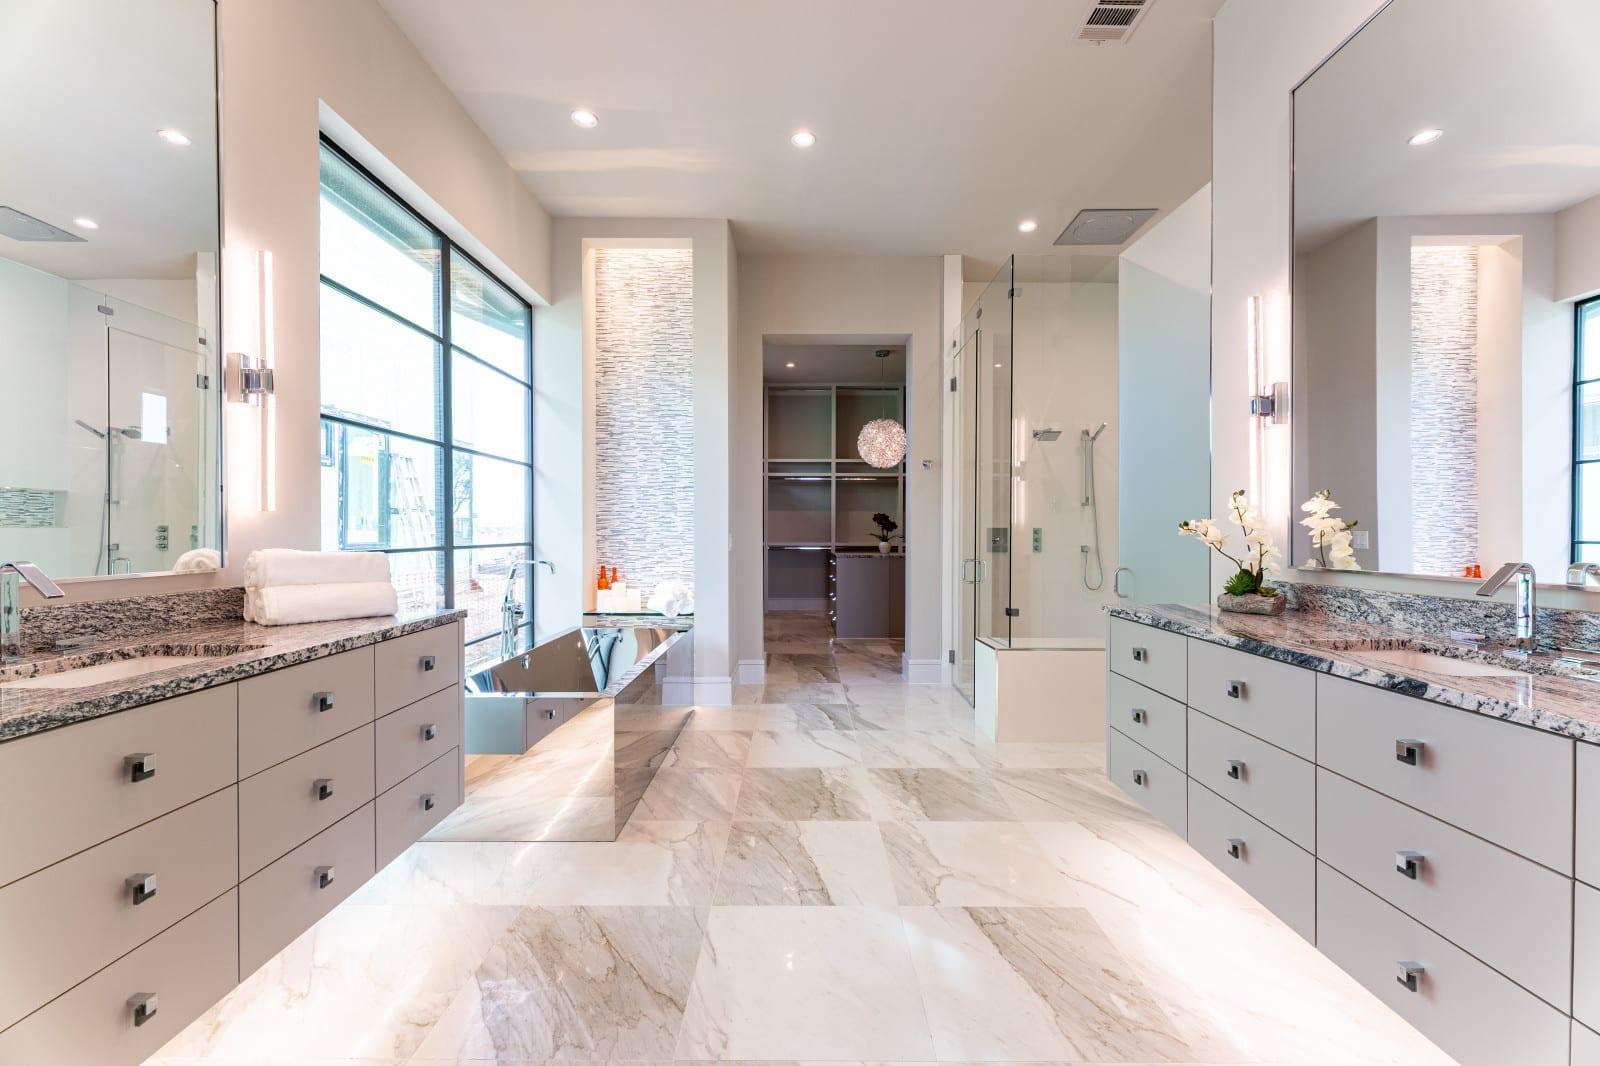 modern home design 21 - Millennial Design + Build